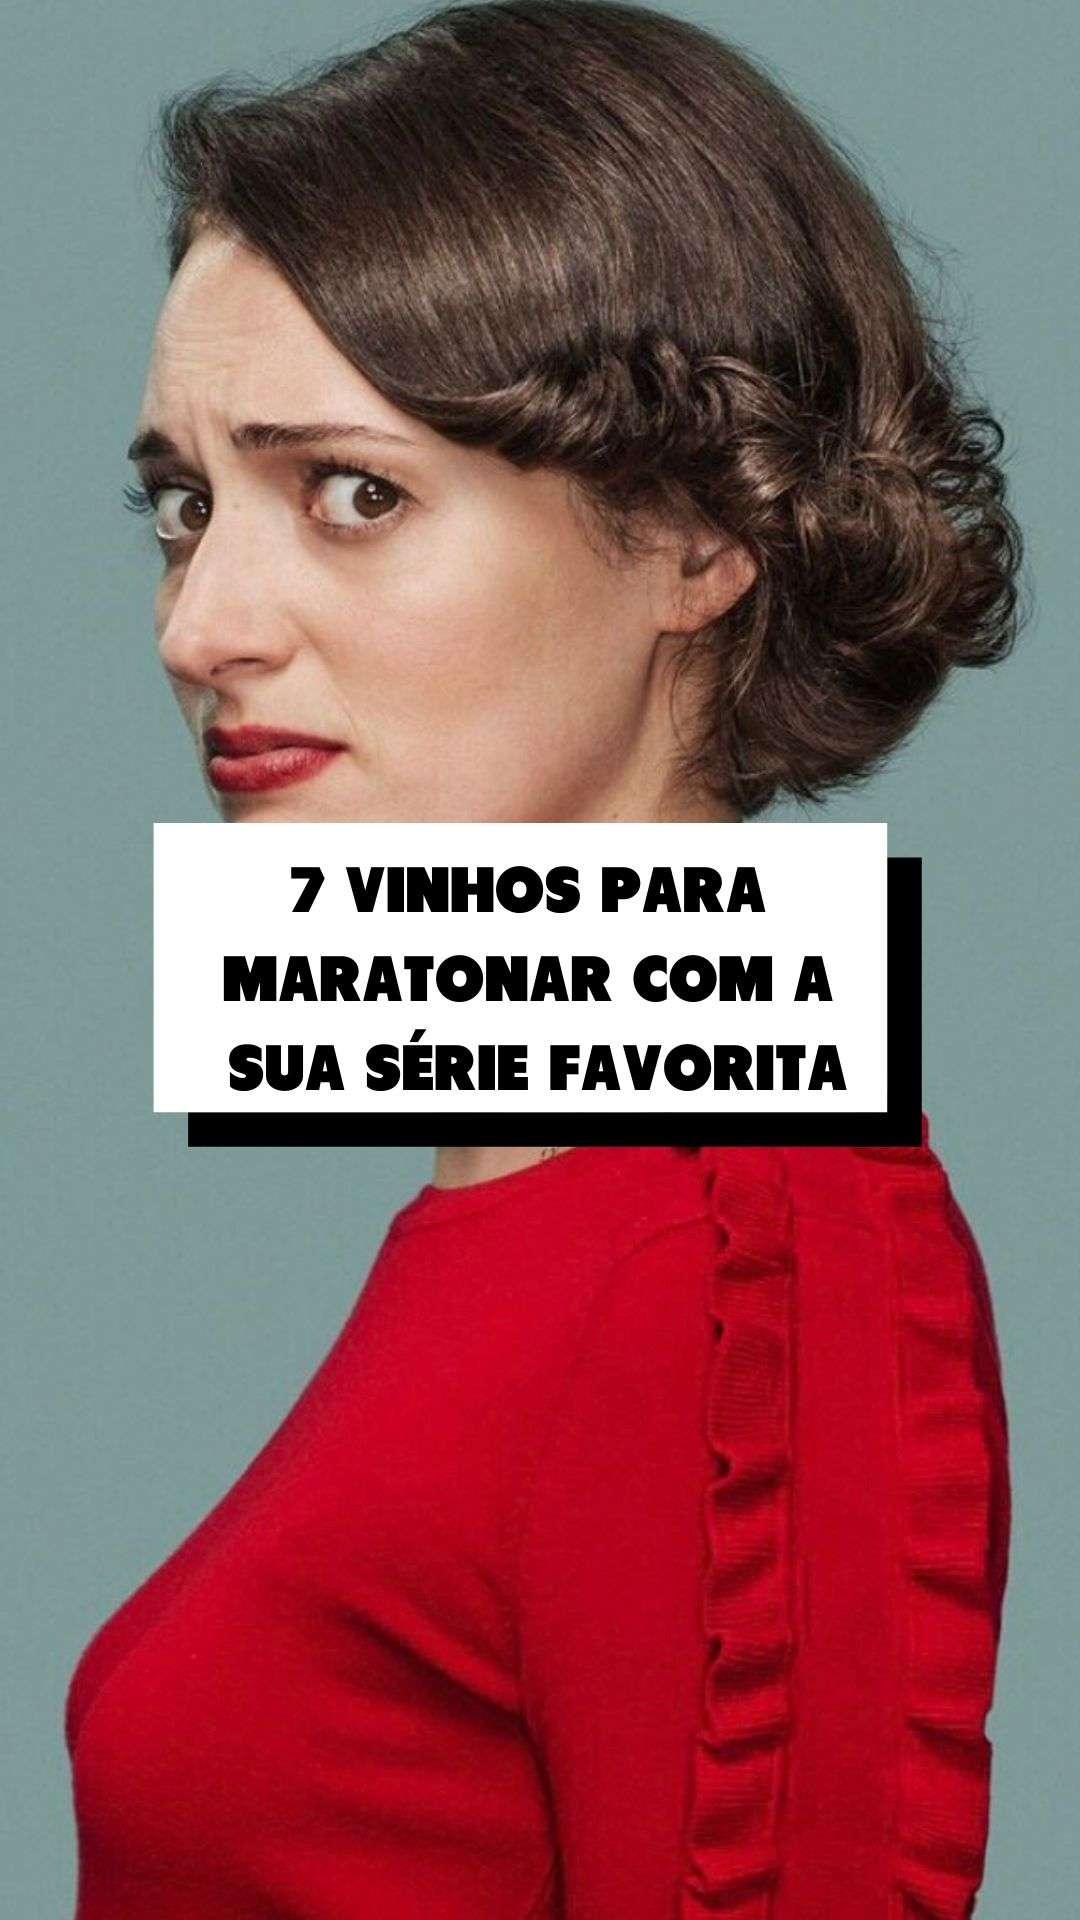 7 vinhos para maratonar com a sua série favorita